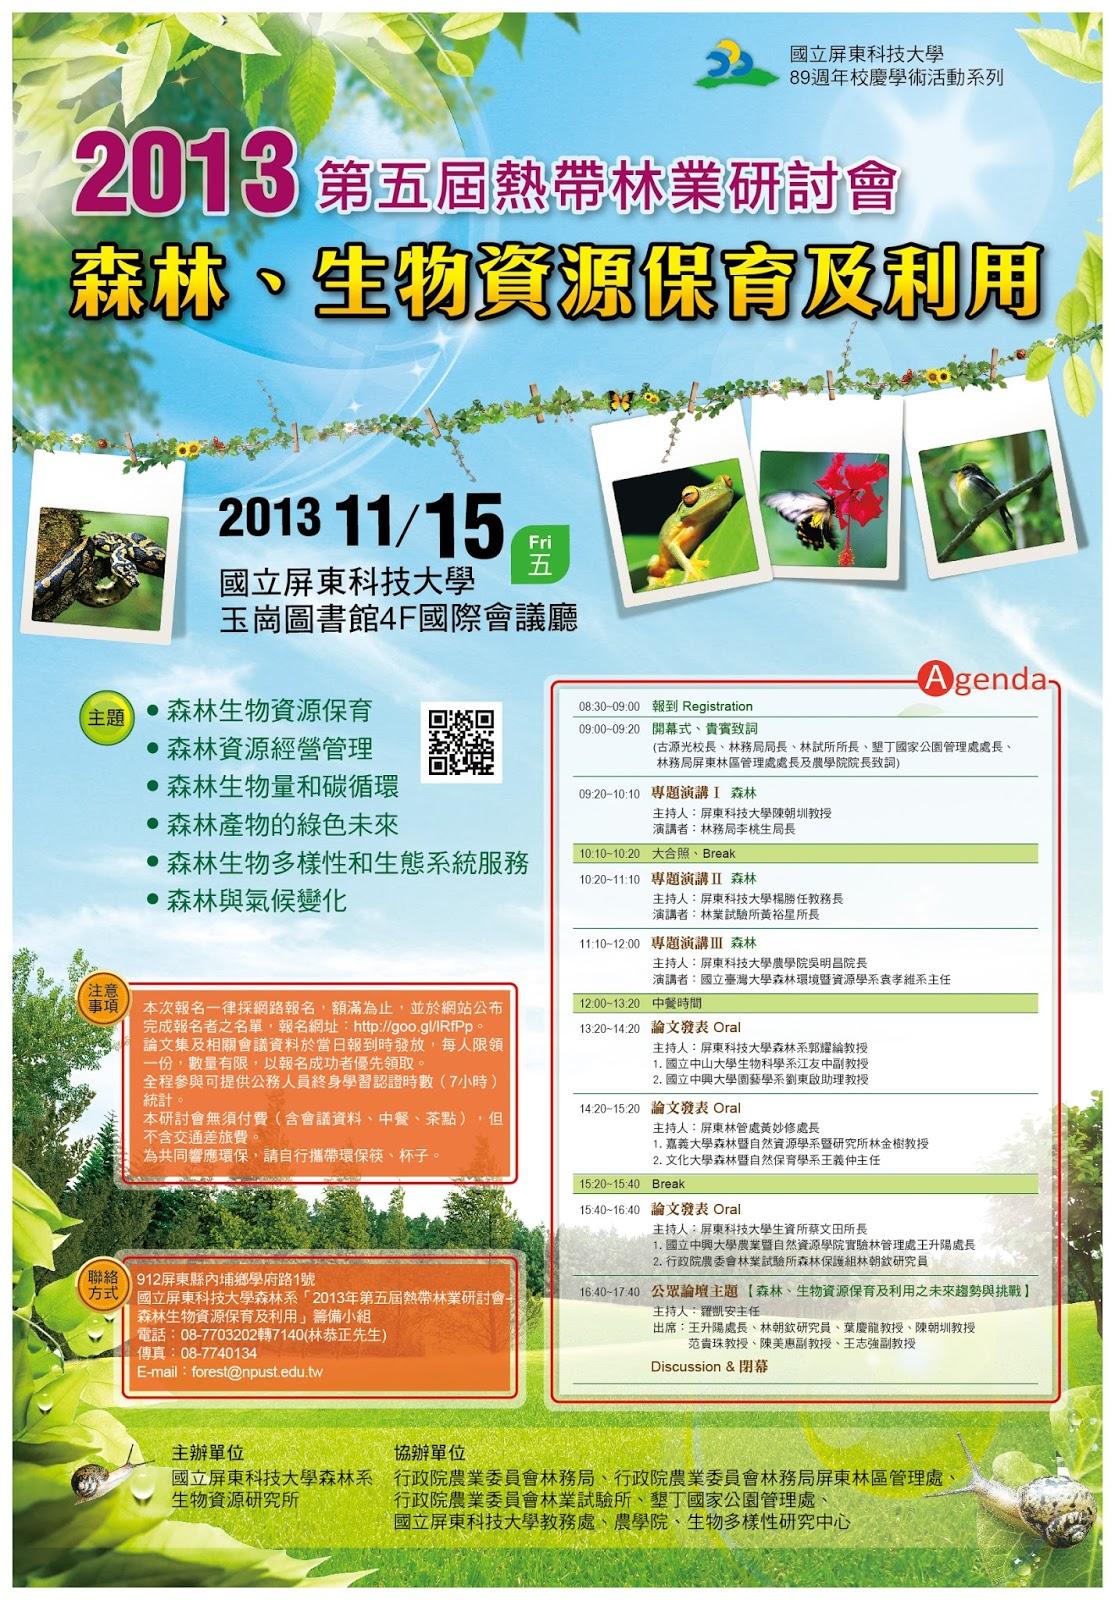 2013熱帶林業研討會